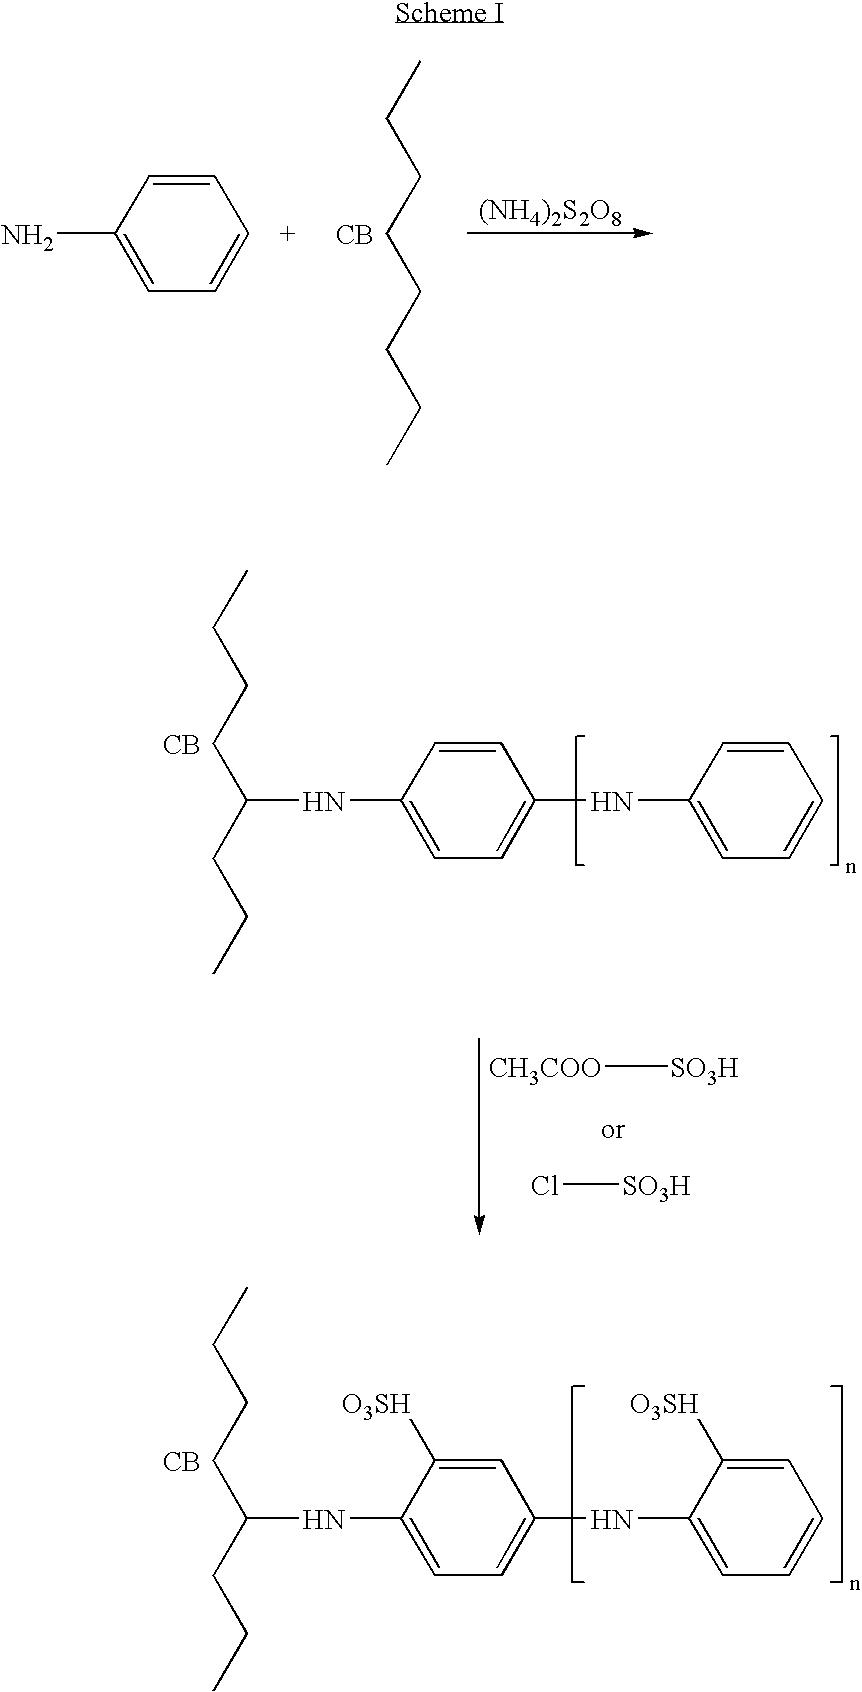 Figure US20040169165A1-20040902-C00002